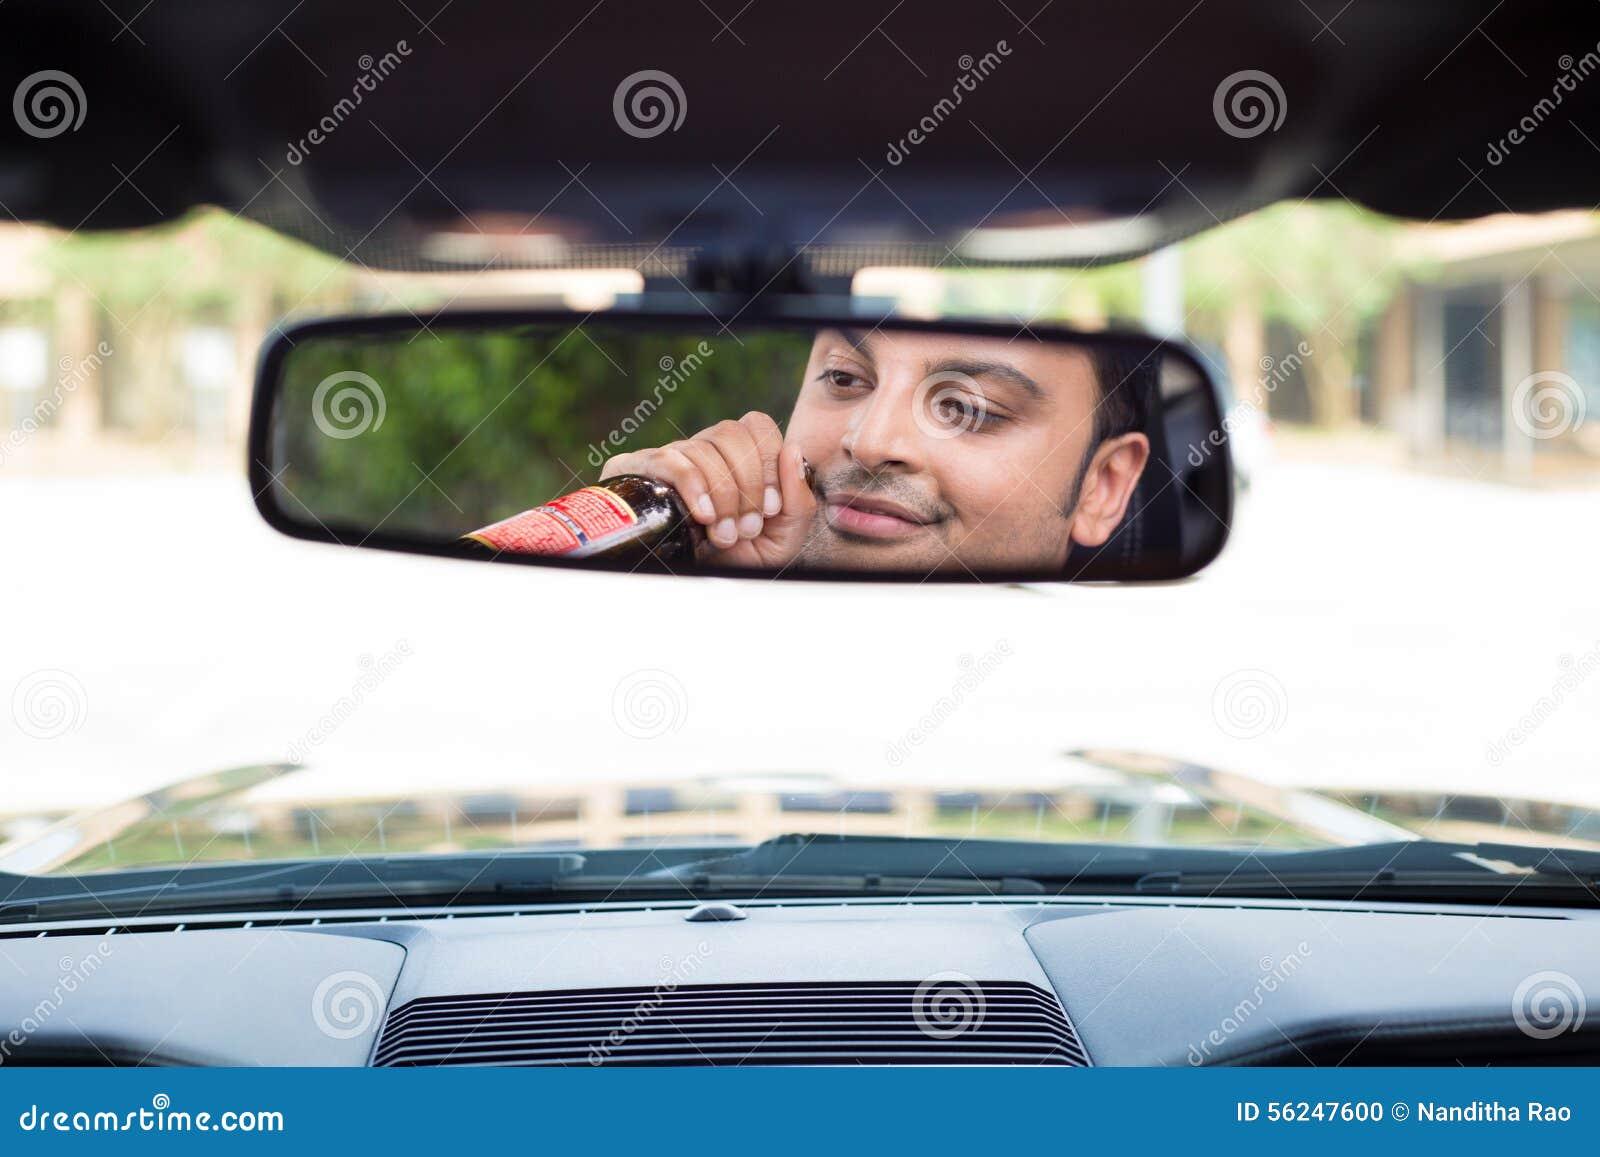 Trinken, Fahren, reflektierend